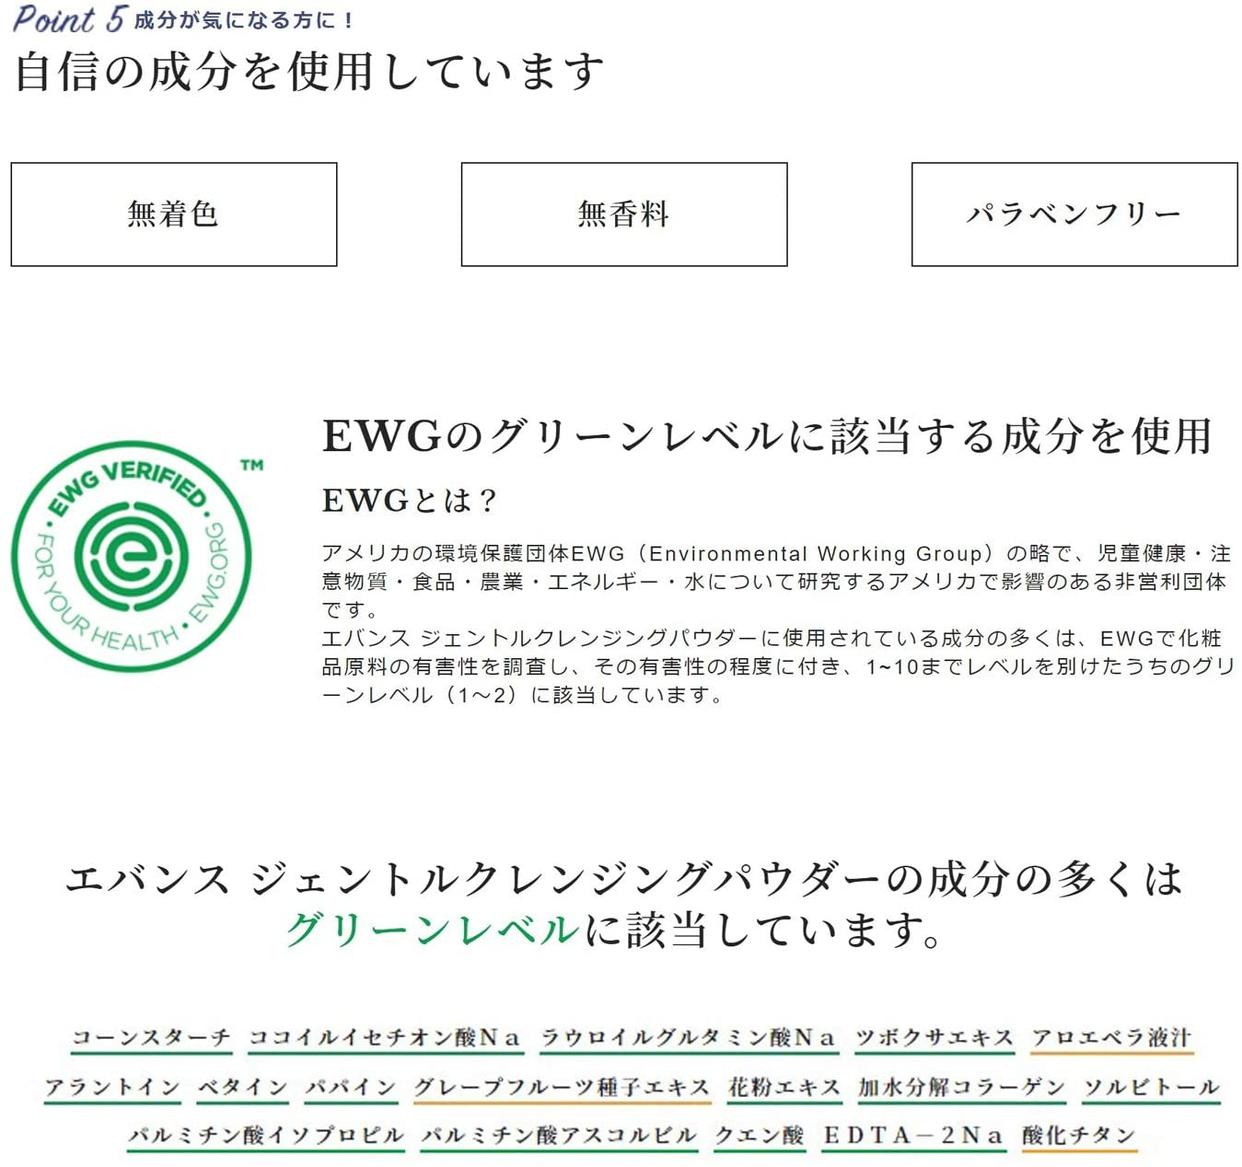 EVANS(エバンス) ジェントルクレンジングパウダーの商品画像6